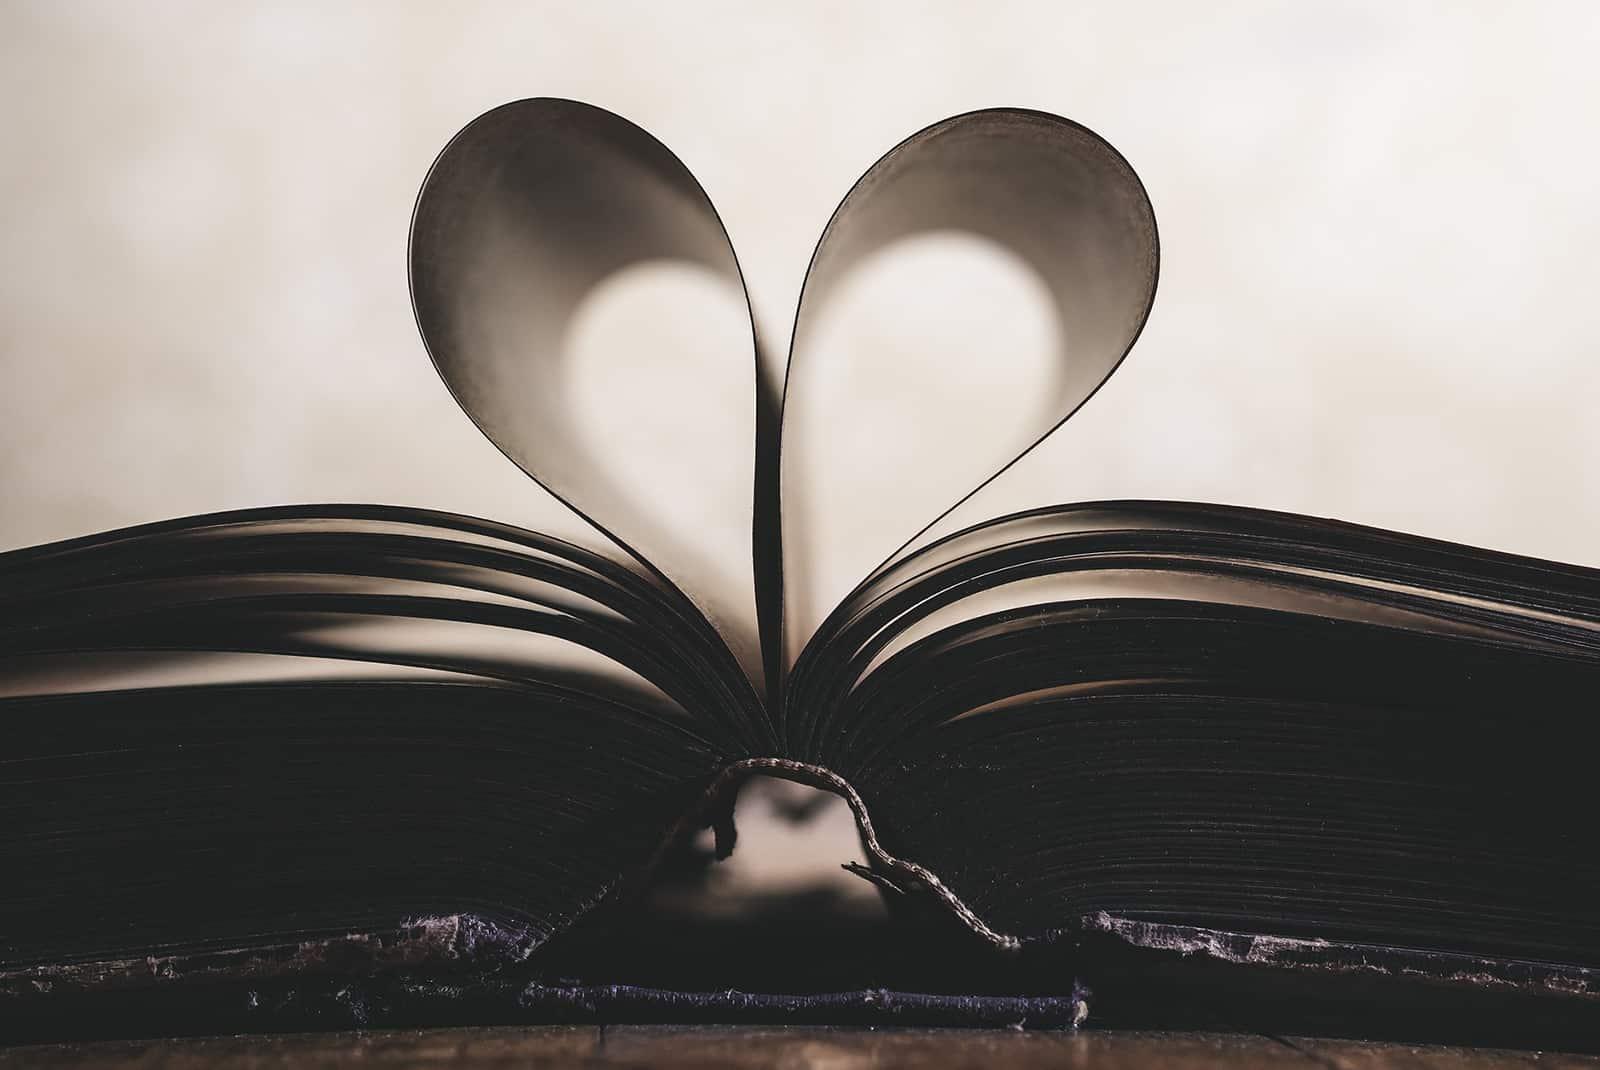 ein Herz aus Papieren des Buches auf dem Tisch